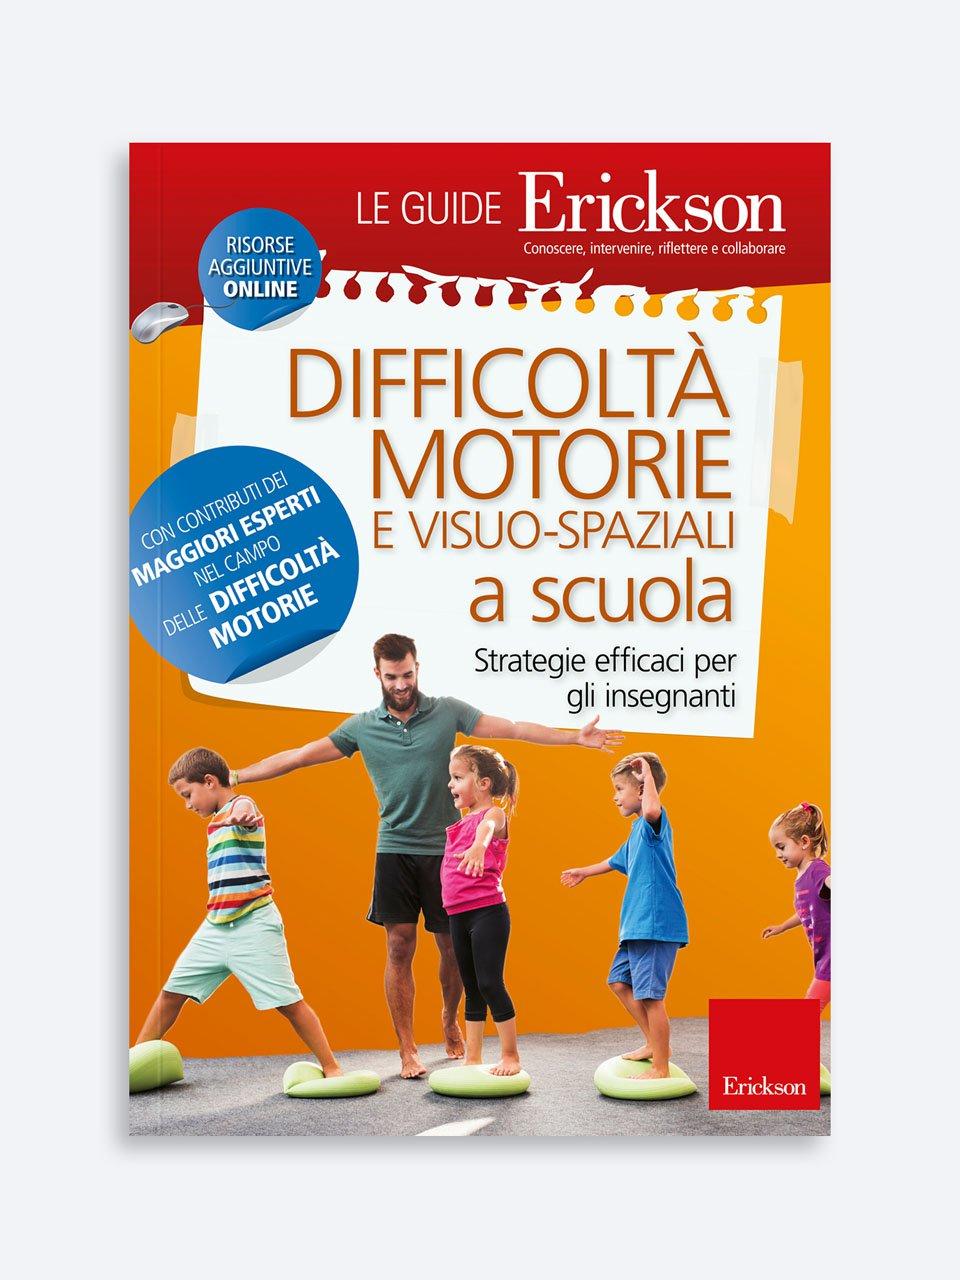 Difficoltà motorie e visuo-spaziali a scuola - Giochinsieme - Colori e associazioni - Strumenti - Erickson